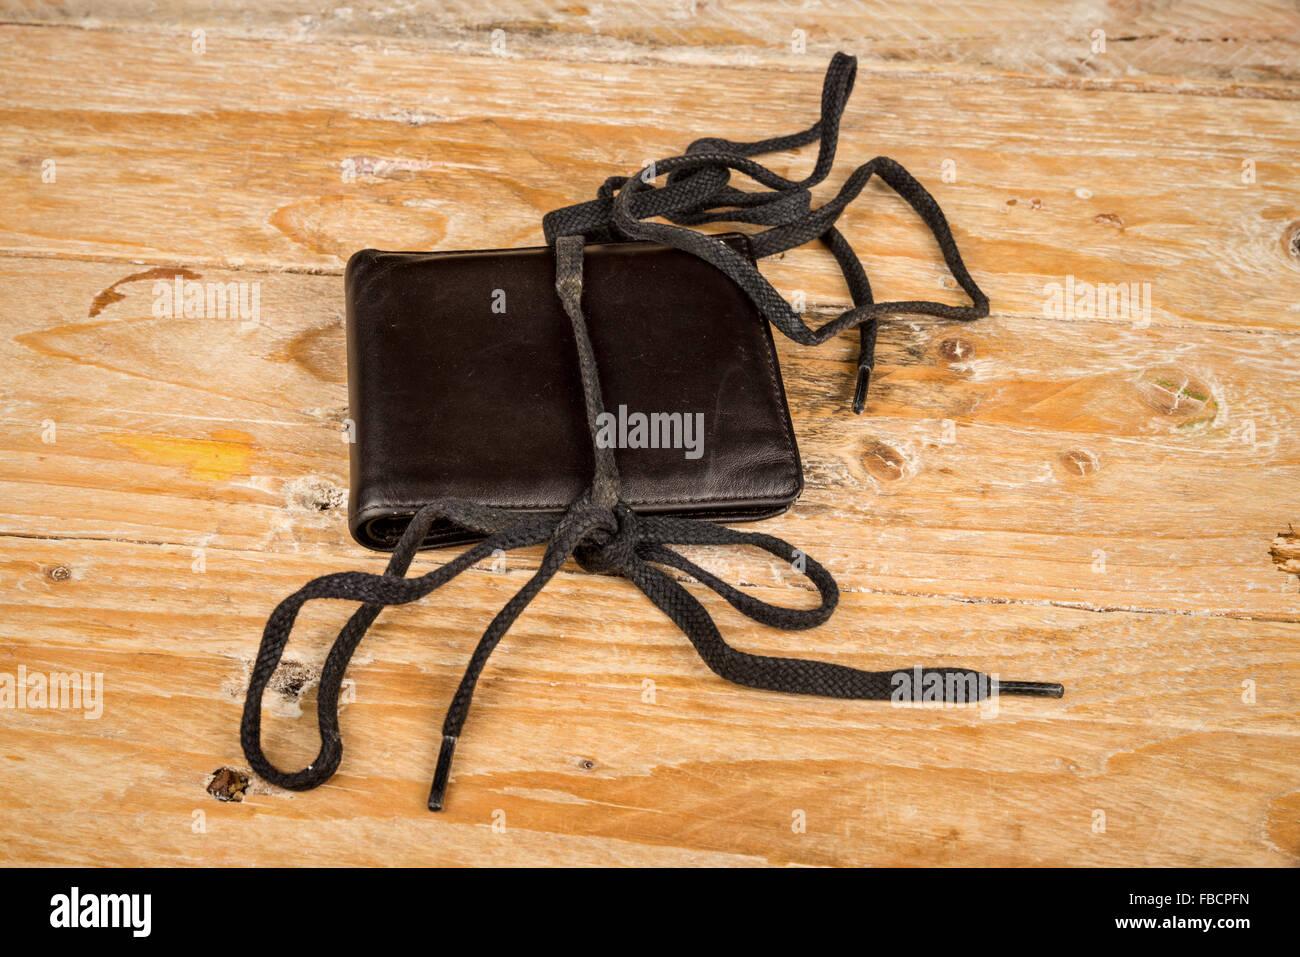 Brieftasche auf einem Shoestring, ein Finanzkonzept Stockfoto